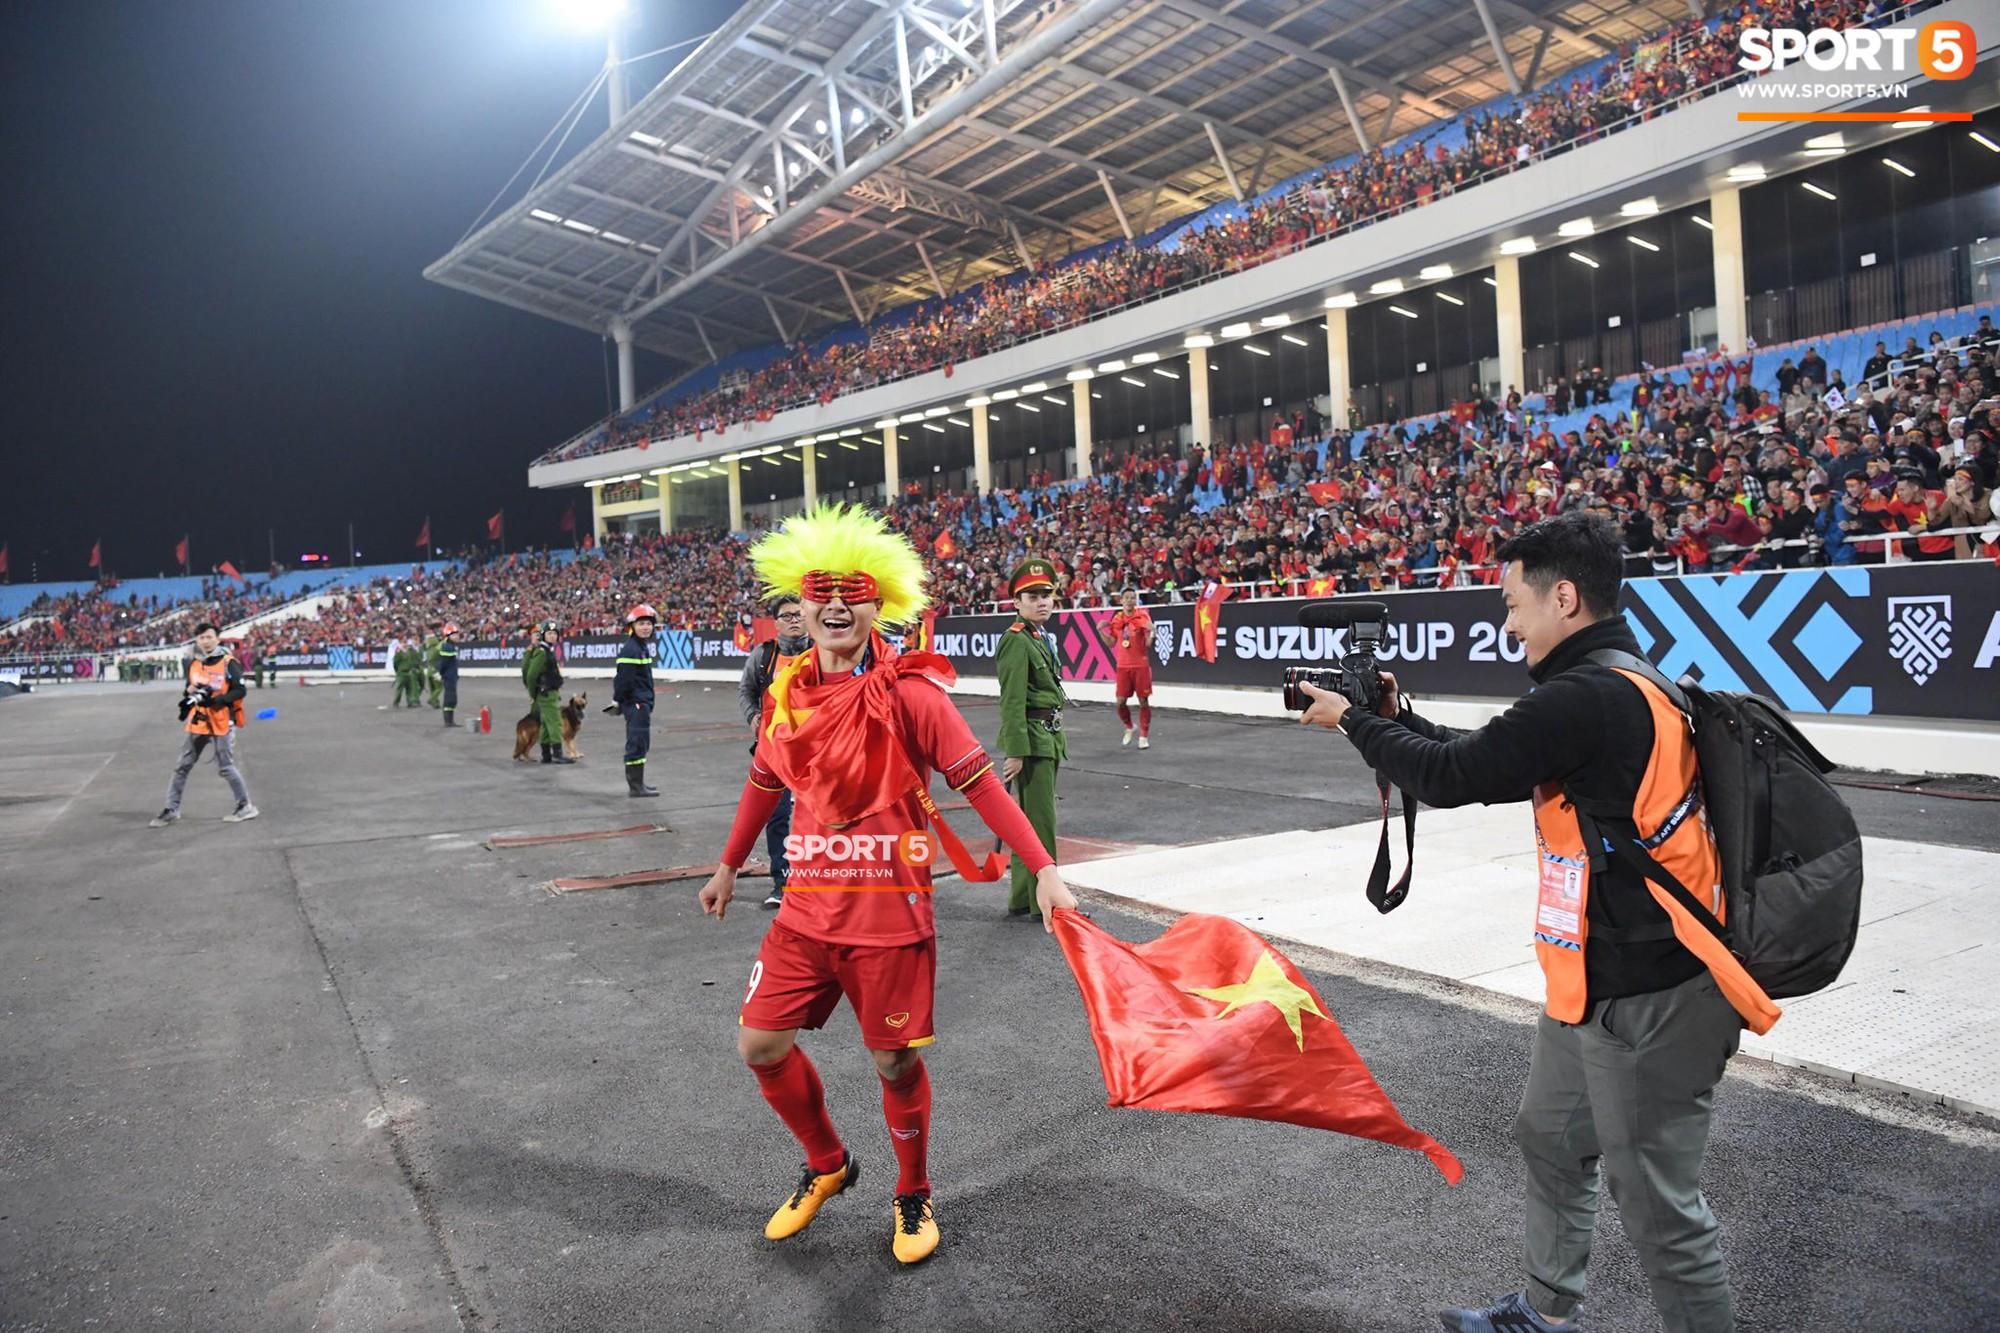 Quang Hải đội tóc giả màu nõn chuối, đi tung tăng khắp sân, xứng đáng là màn ăn mừng cute nhất sau trận chung kết - Ảnh 2.